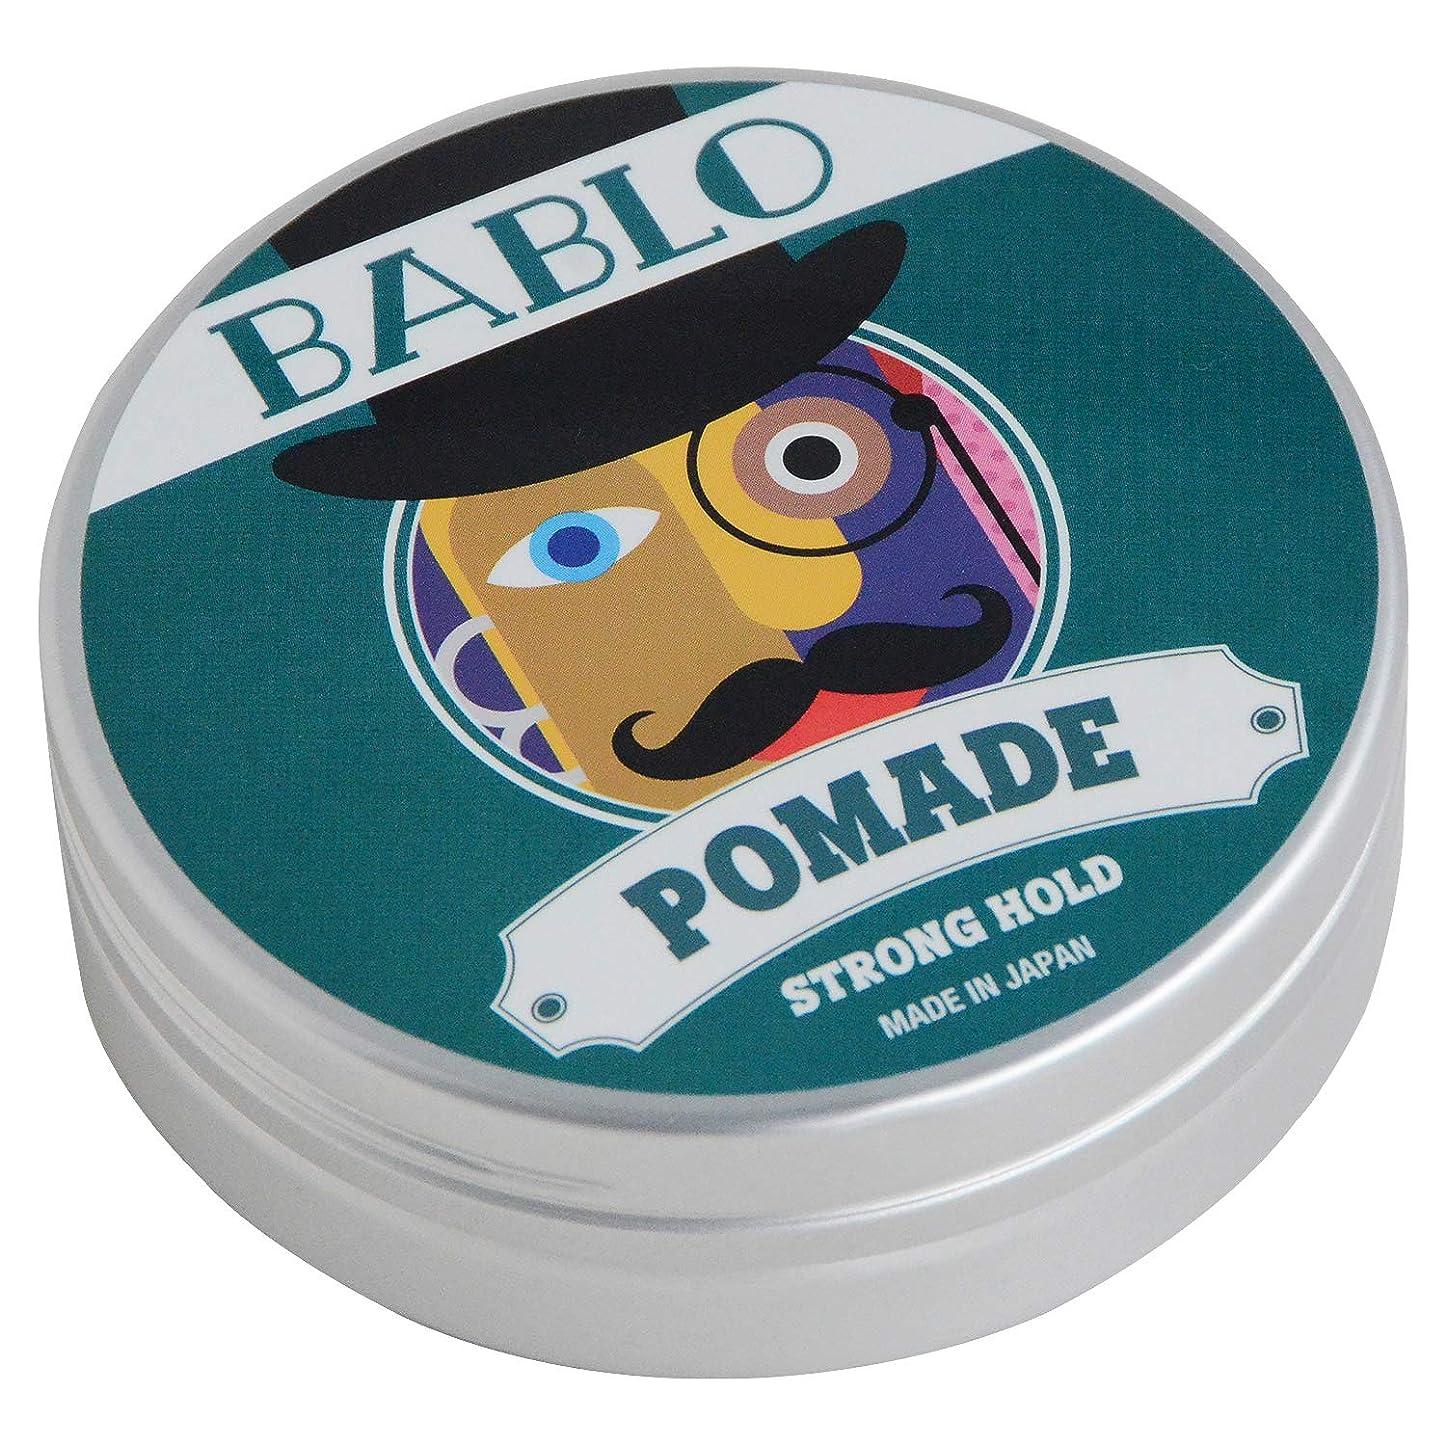 固執衝動迷惑バブロ ポマード(BABLO POMADE) ストロング ホールド メンズ 整髪料 水性 ヘアグリース 130g